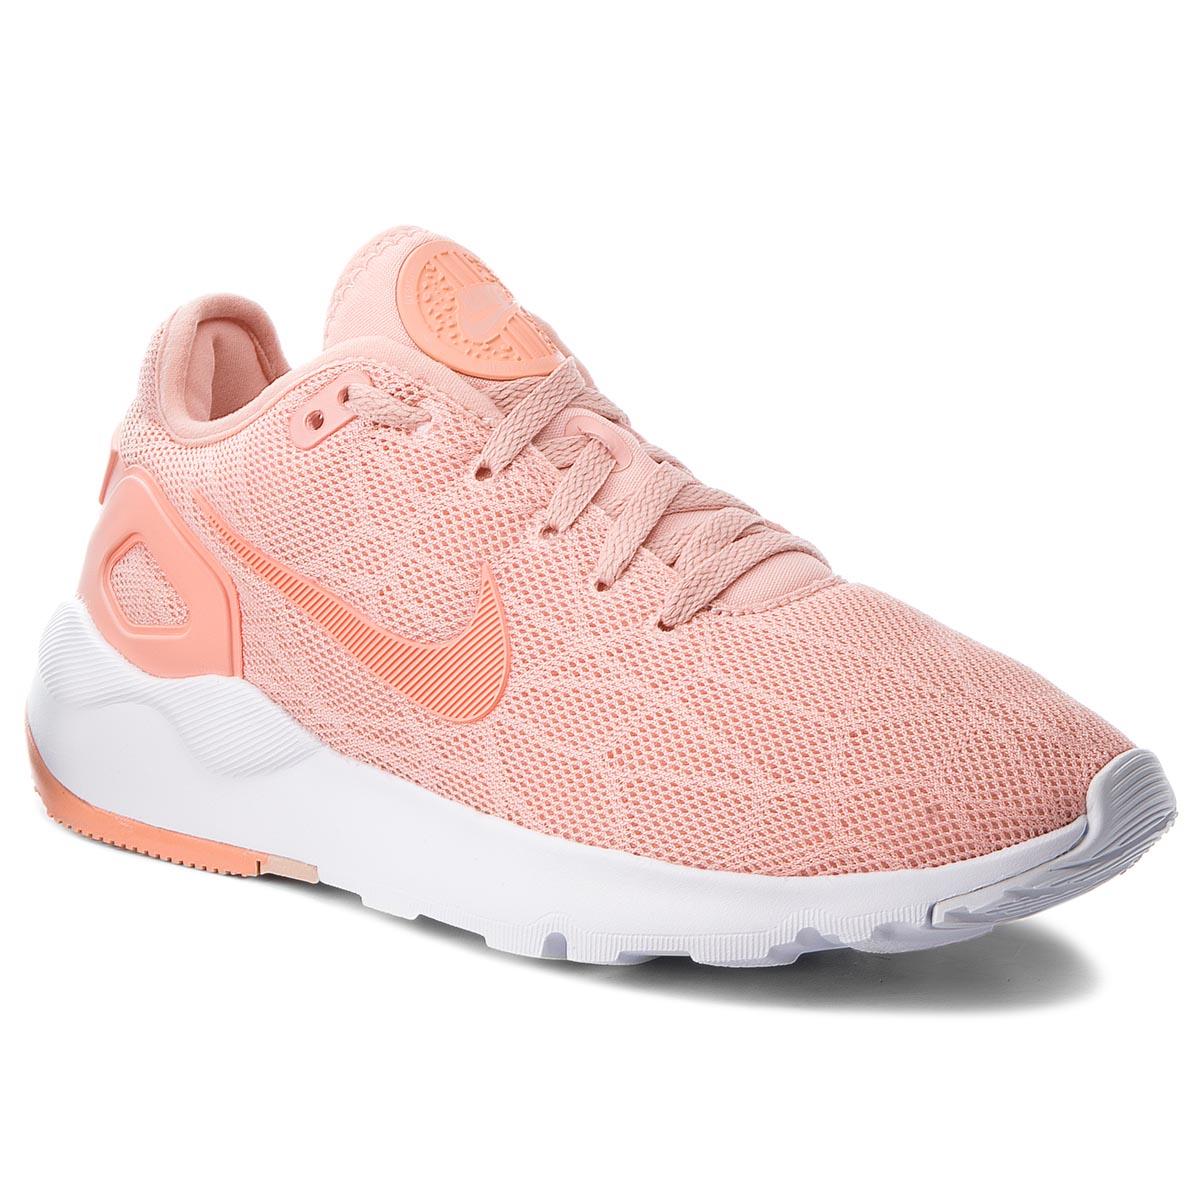 Nike FLEX TR 7 TRAINING Női edzőcipő GLAMI.hu